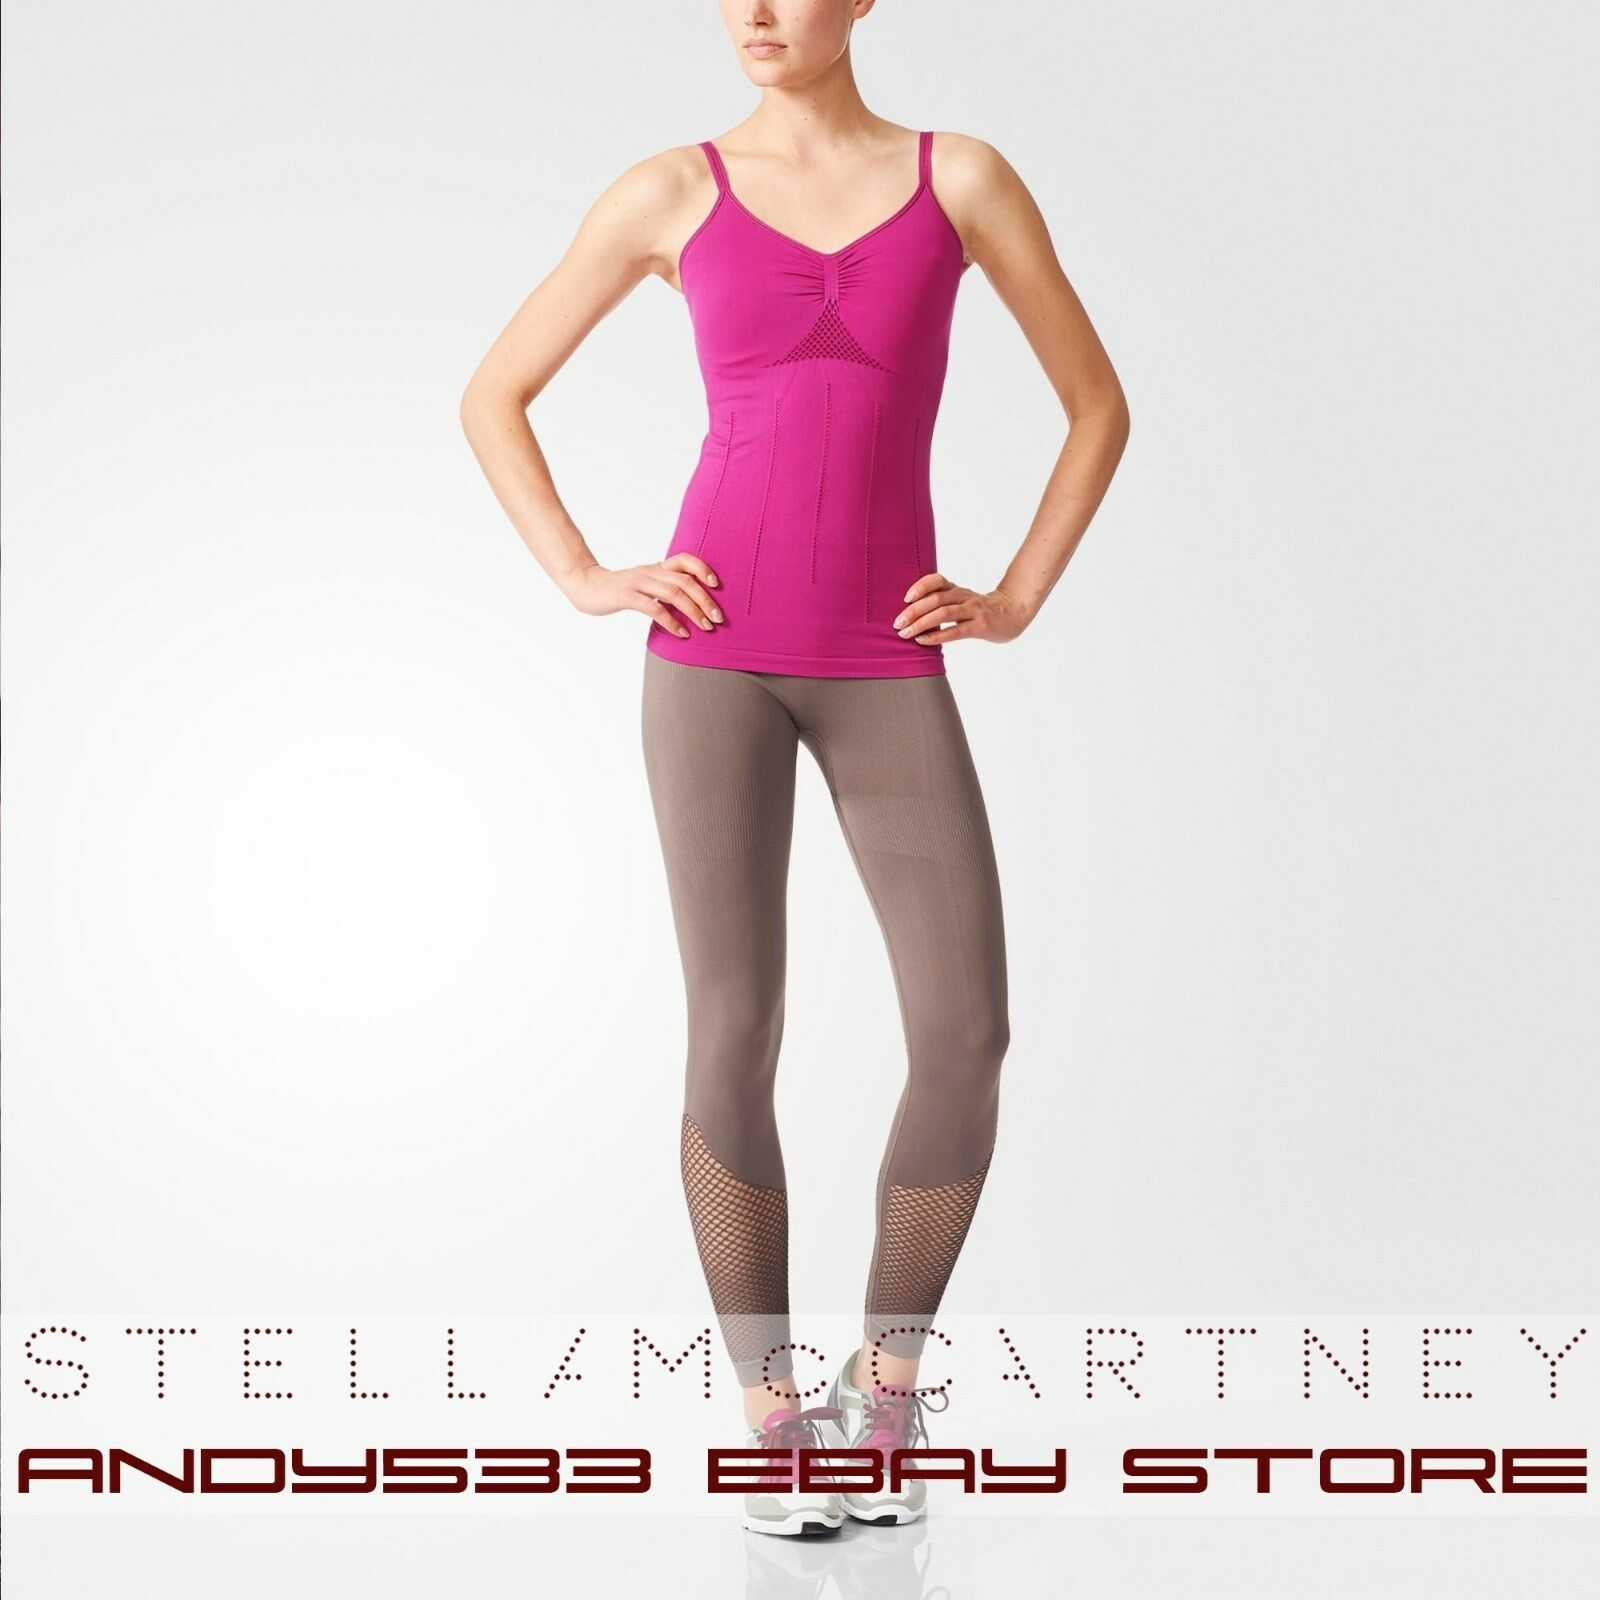 $ 110 Stella McCartney Adidas Tank Top ΕσωτΡρικΞ� σουτιέν Ξ'Ο…ΞΈΞΌΞΉΞΆΟŒΞΌΞ΅Ξ½Ξ· ιμάντΡς ΓυναίκΡς XS S M L